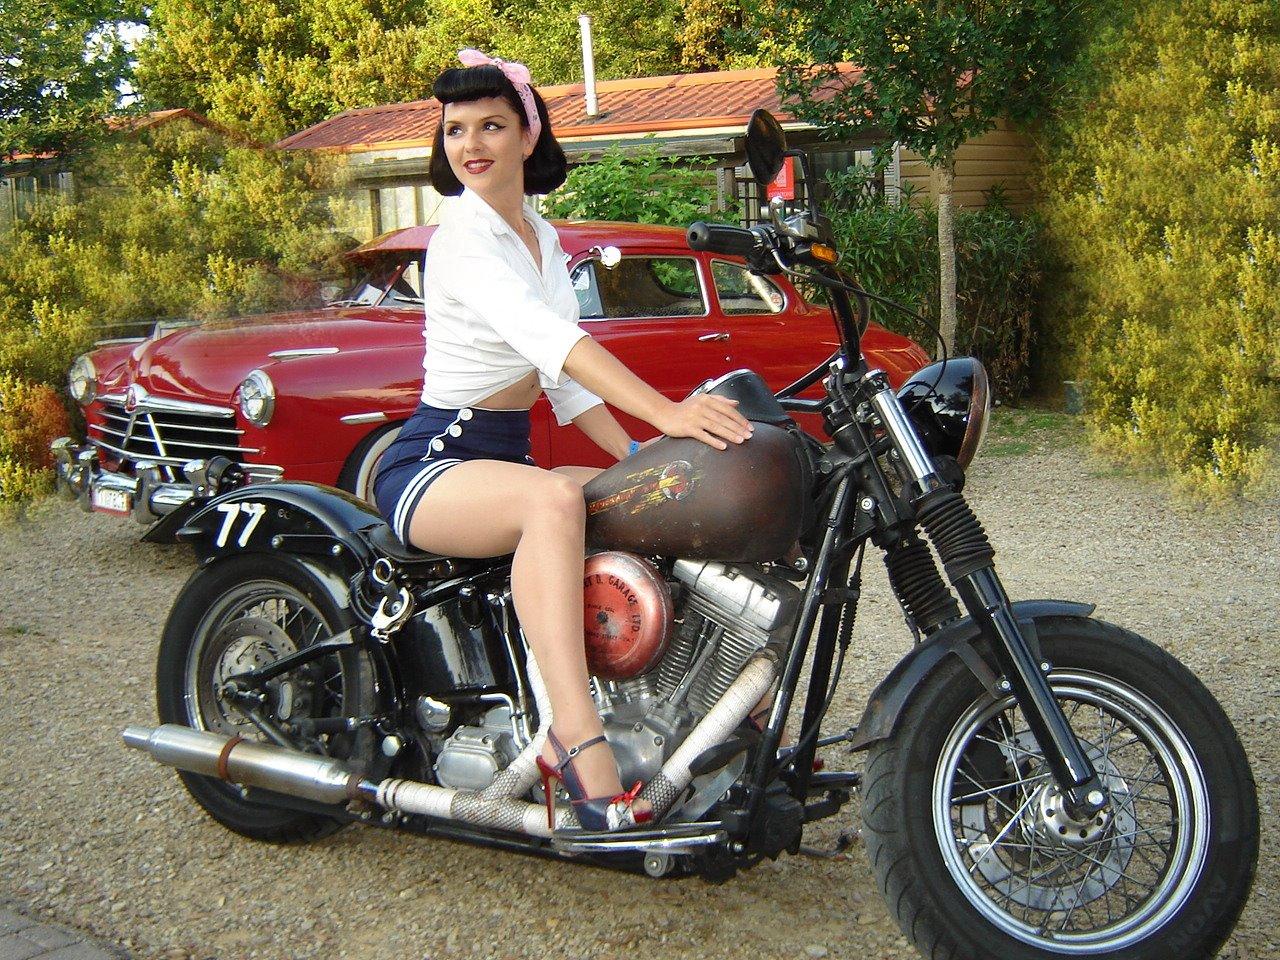 Motorcycle Girl Wallpaper: [44+] Harley Davidson Pin Up Wallpaper On WallpaperSafari